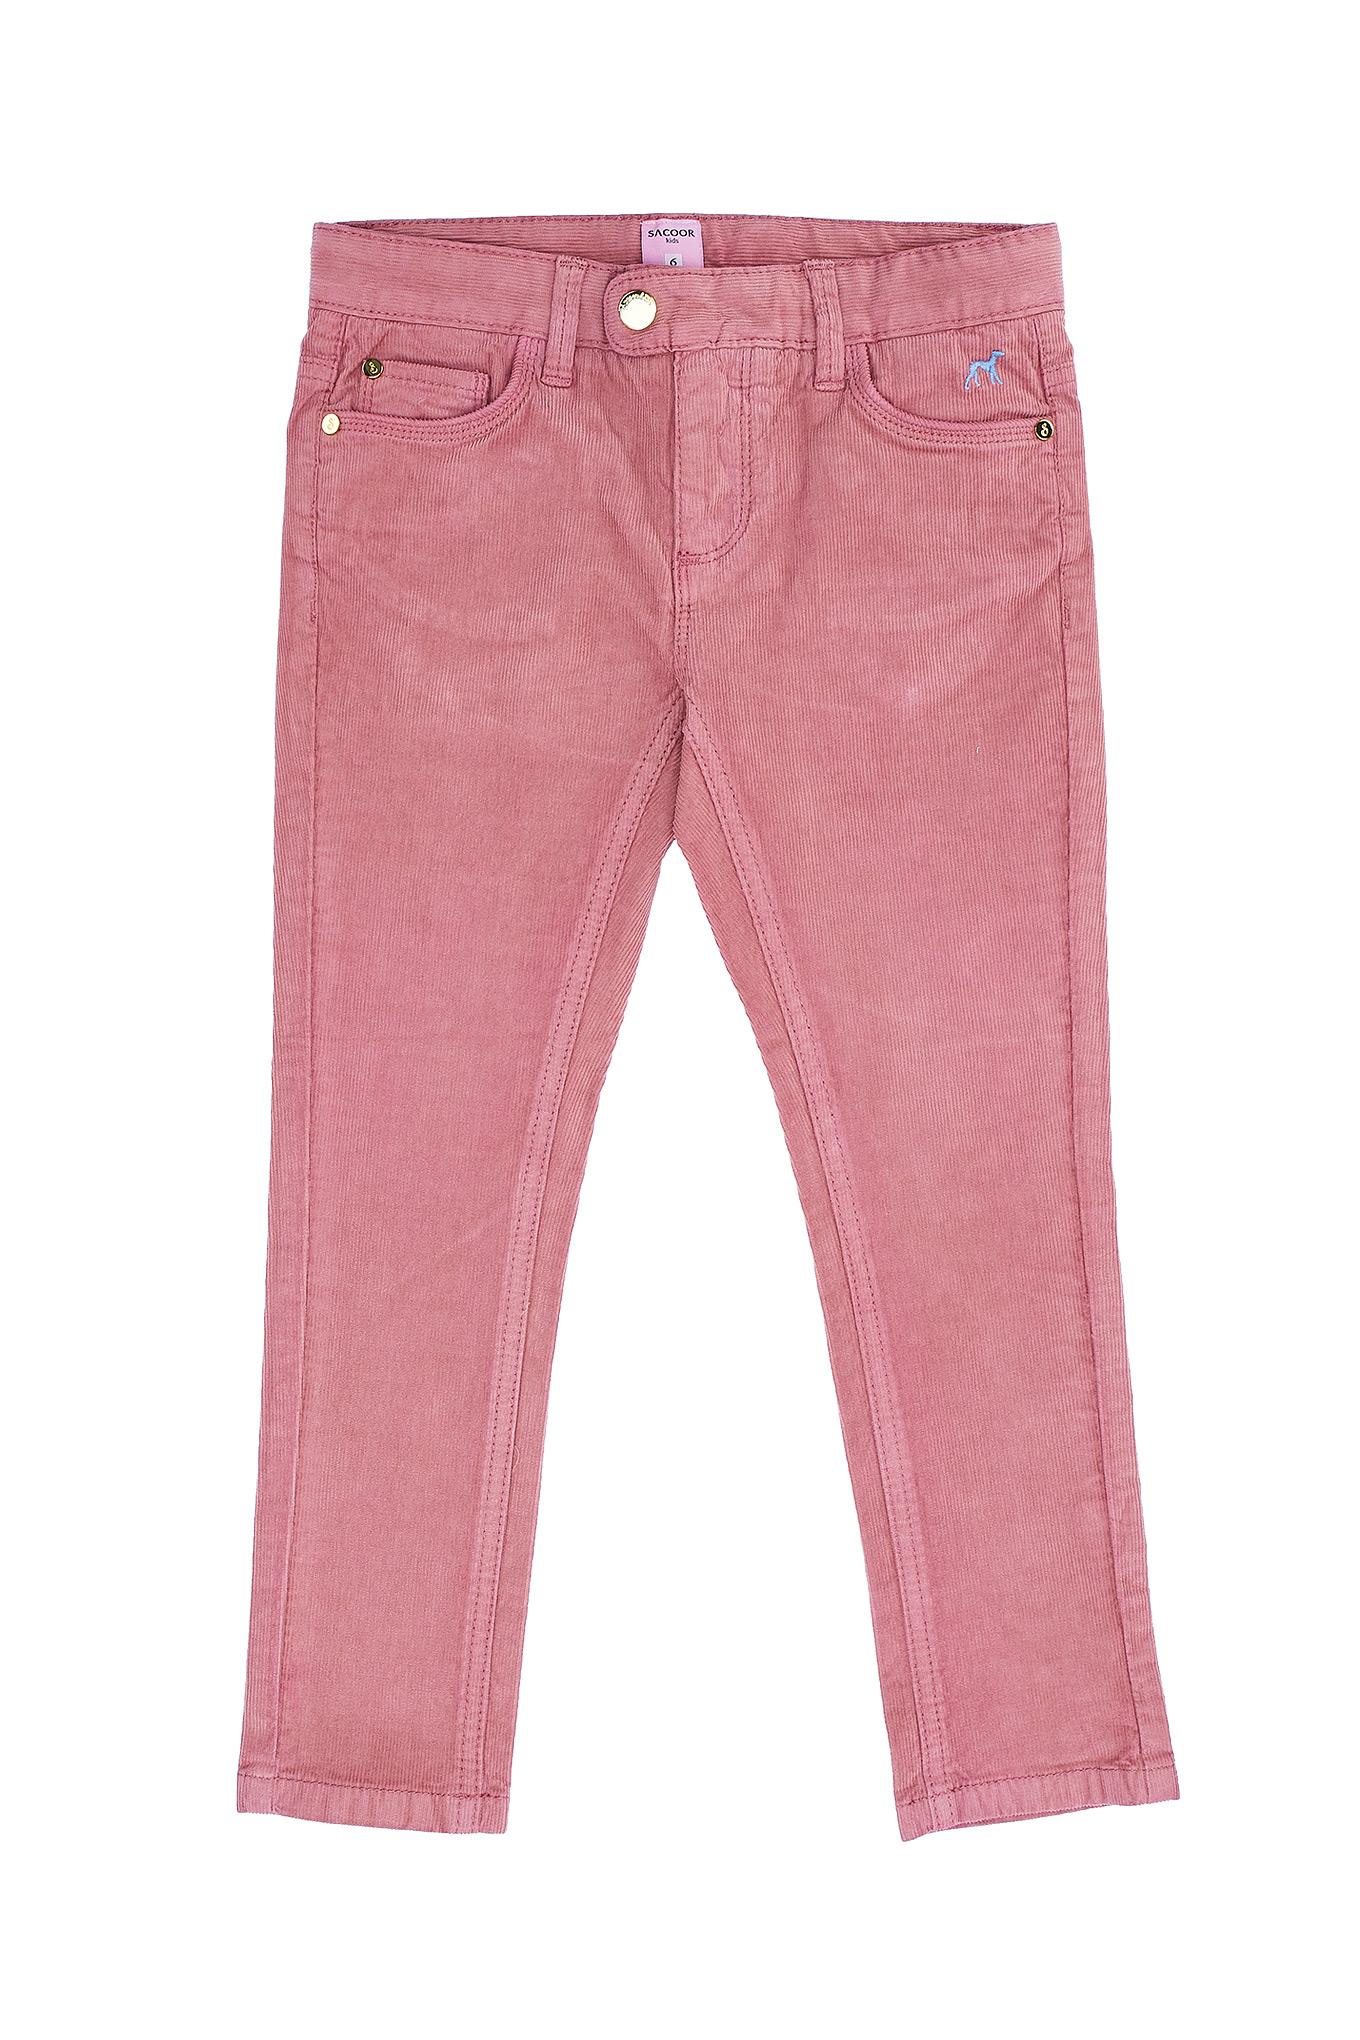 Calças 5 Bolsos Rosa Escuro Casual Rapariga